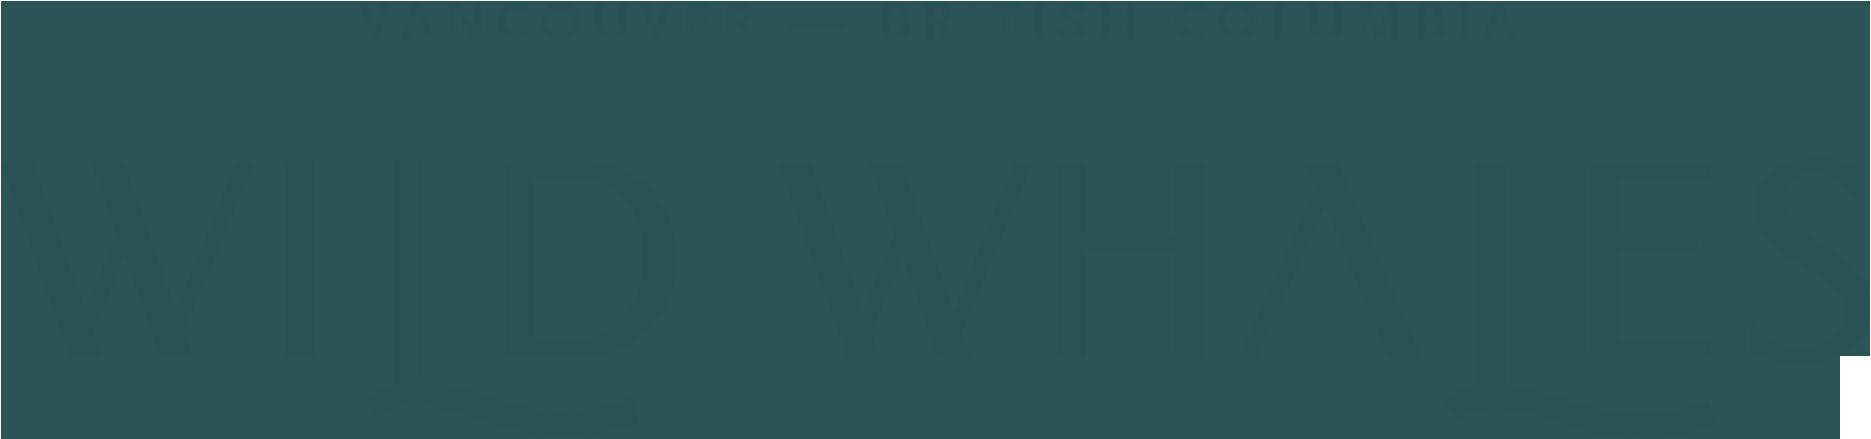 Wild Whales logo - green